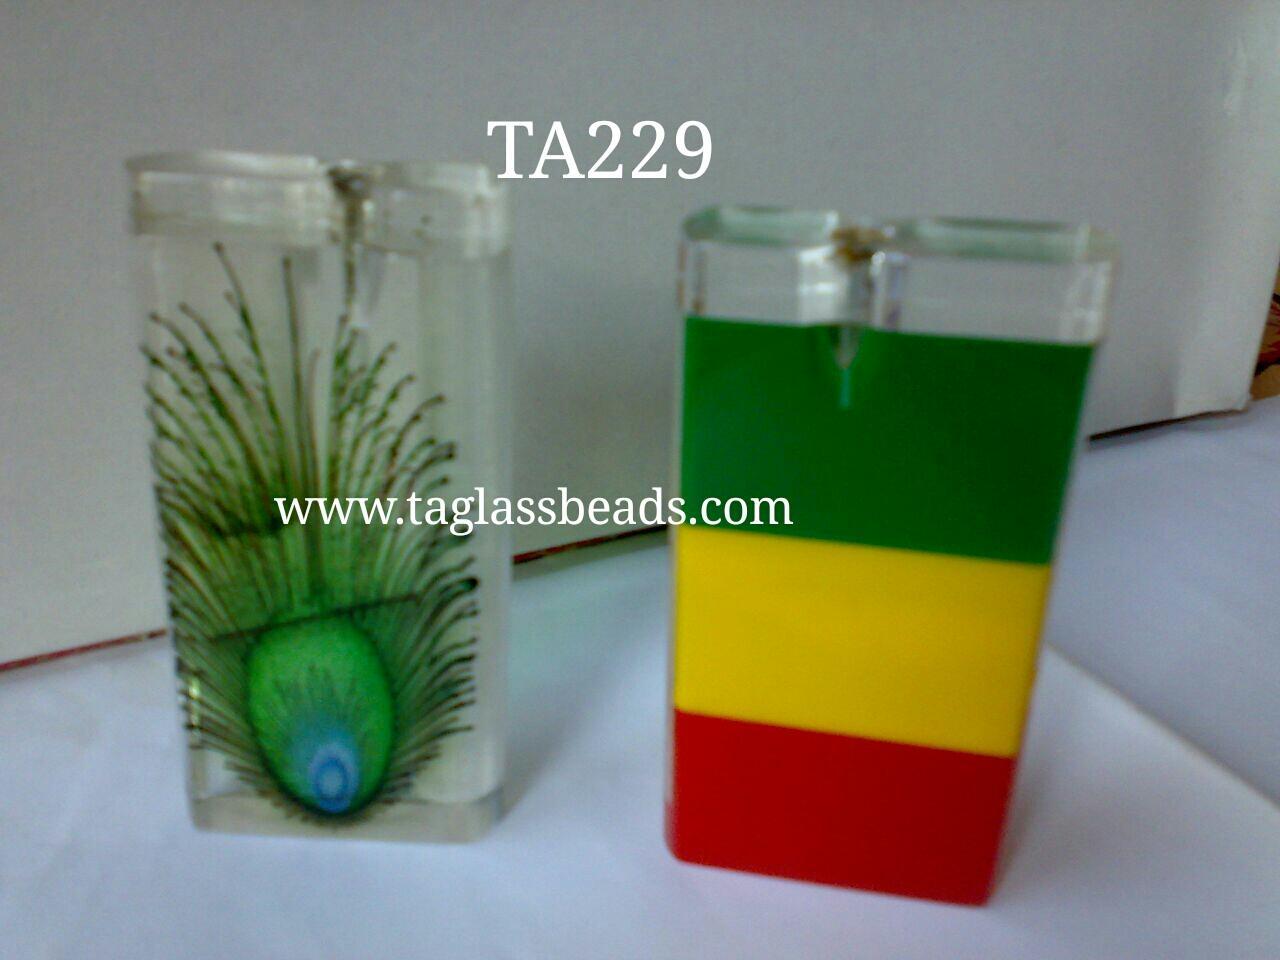 Price US$ 3.00